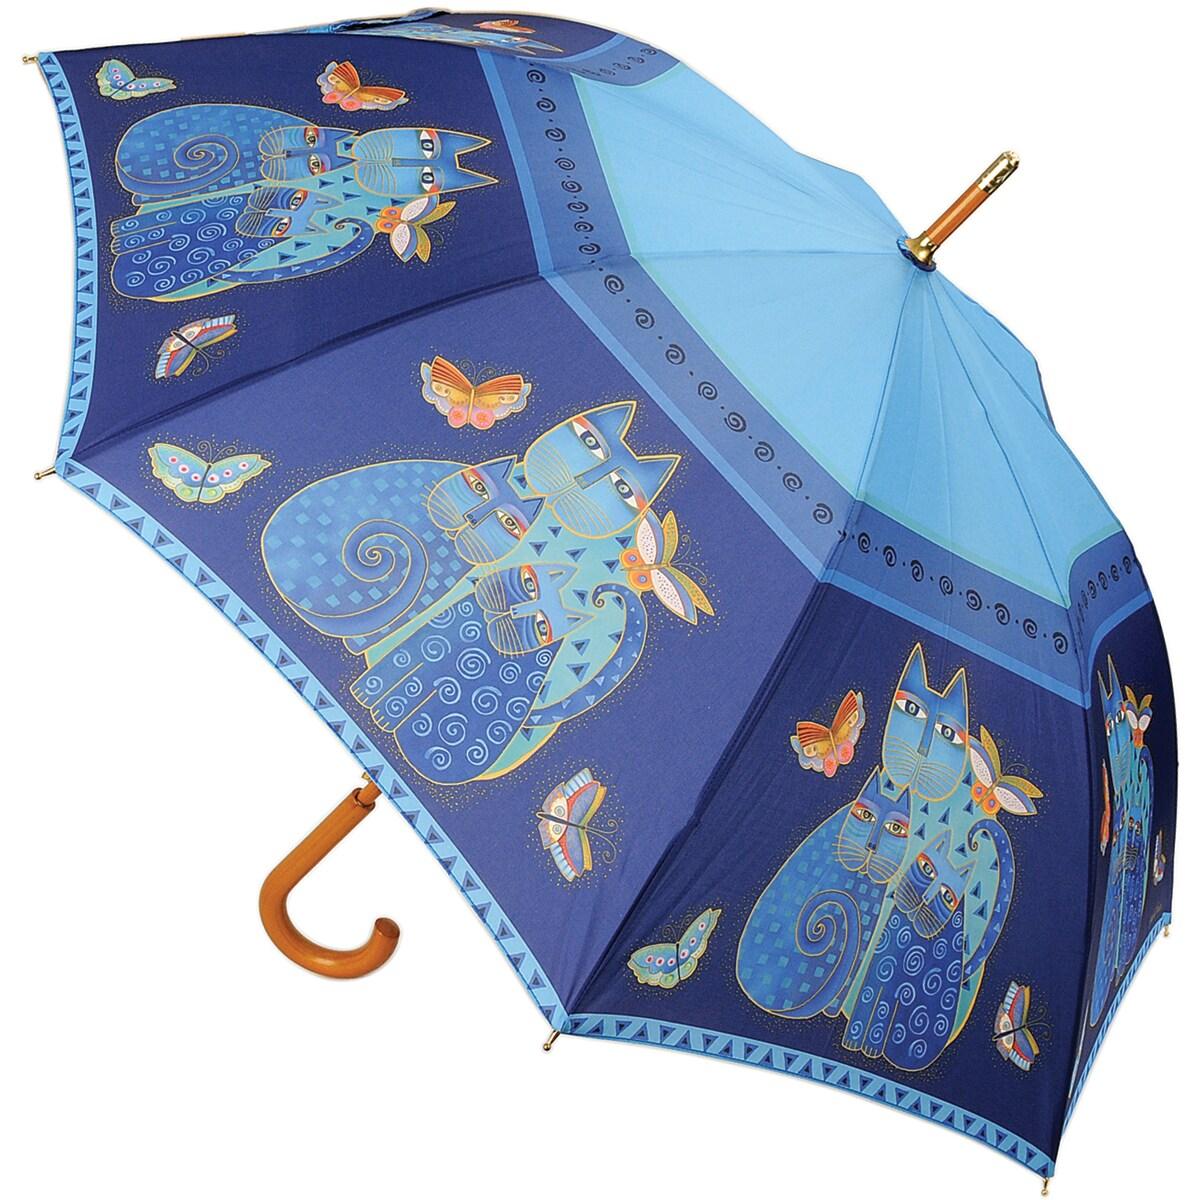 Laurel Burch Indigo Cat' Canopy Stick Umbrella (Indigo Ca...